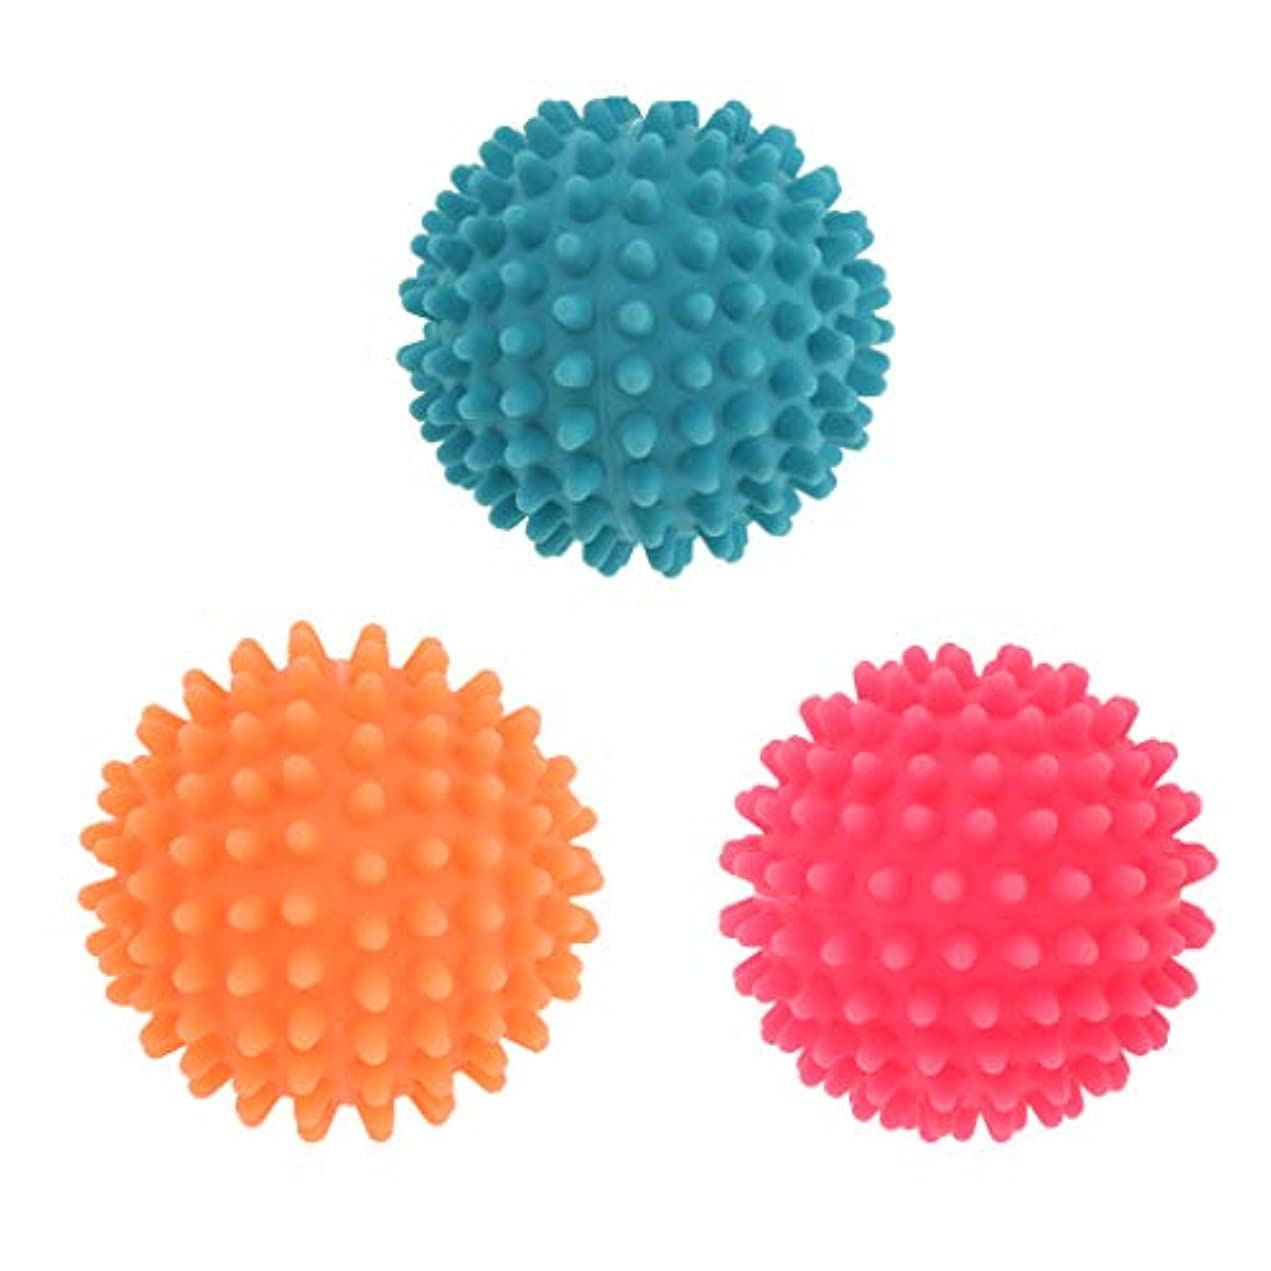 同意する好き完了FLAMEER 3個 マッサージボール ヨガボール 触覚ボール ツボ押しグッズ 直径7cm